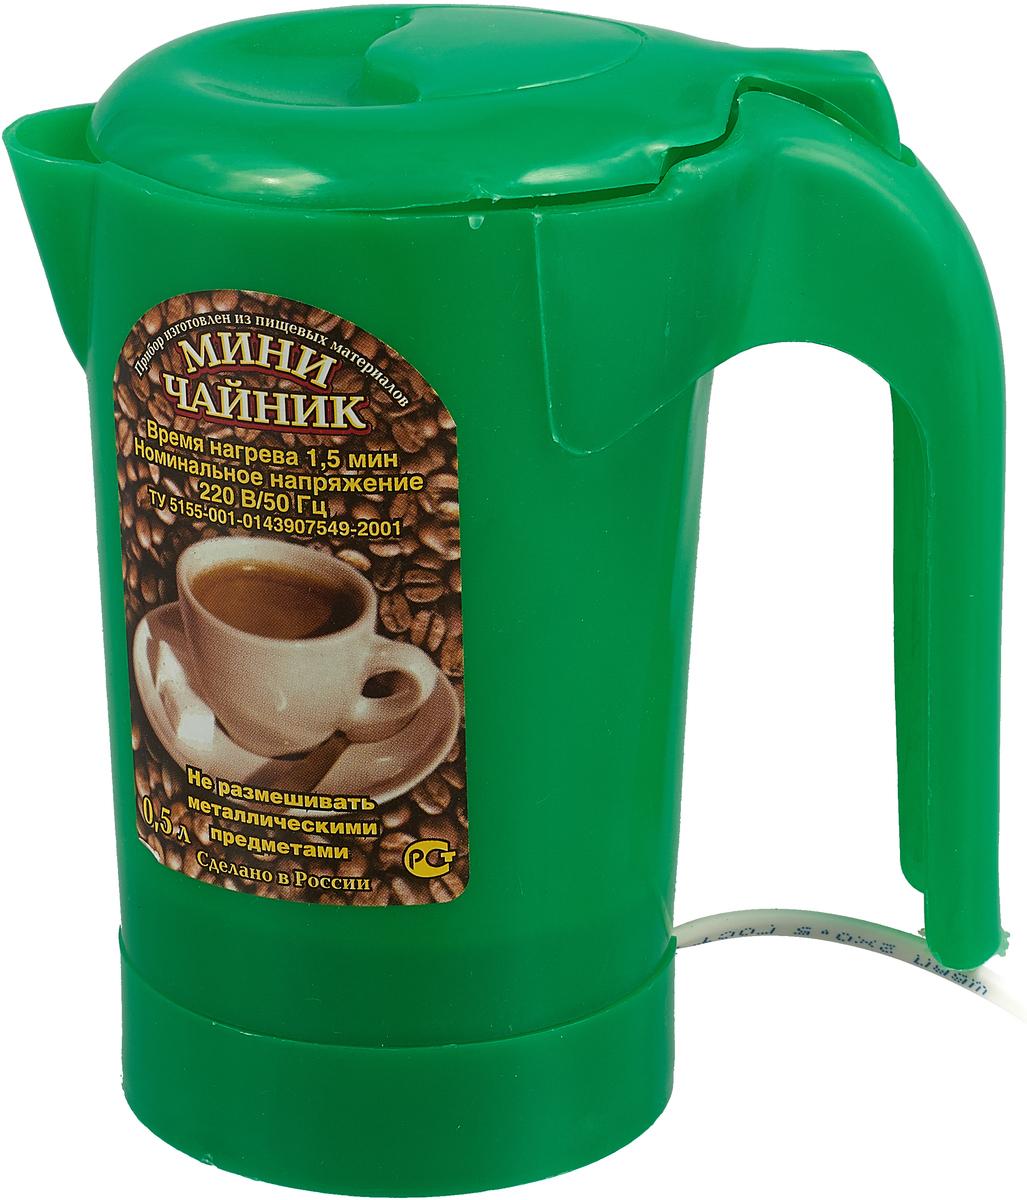 Электрический чайник Zimber ZM-1235, цвет: светло-зеленый цена и фото